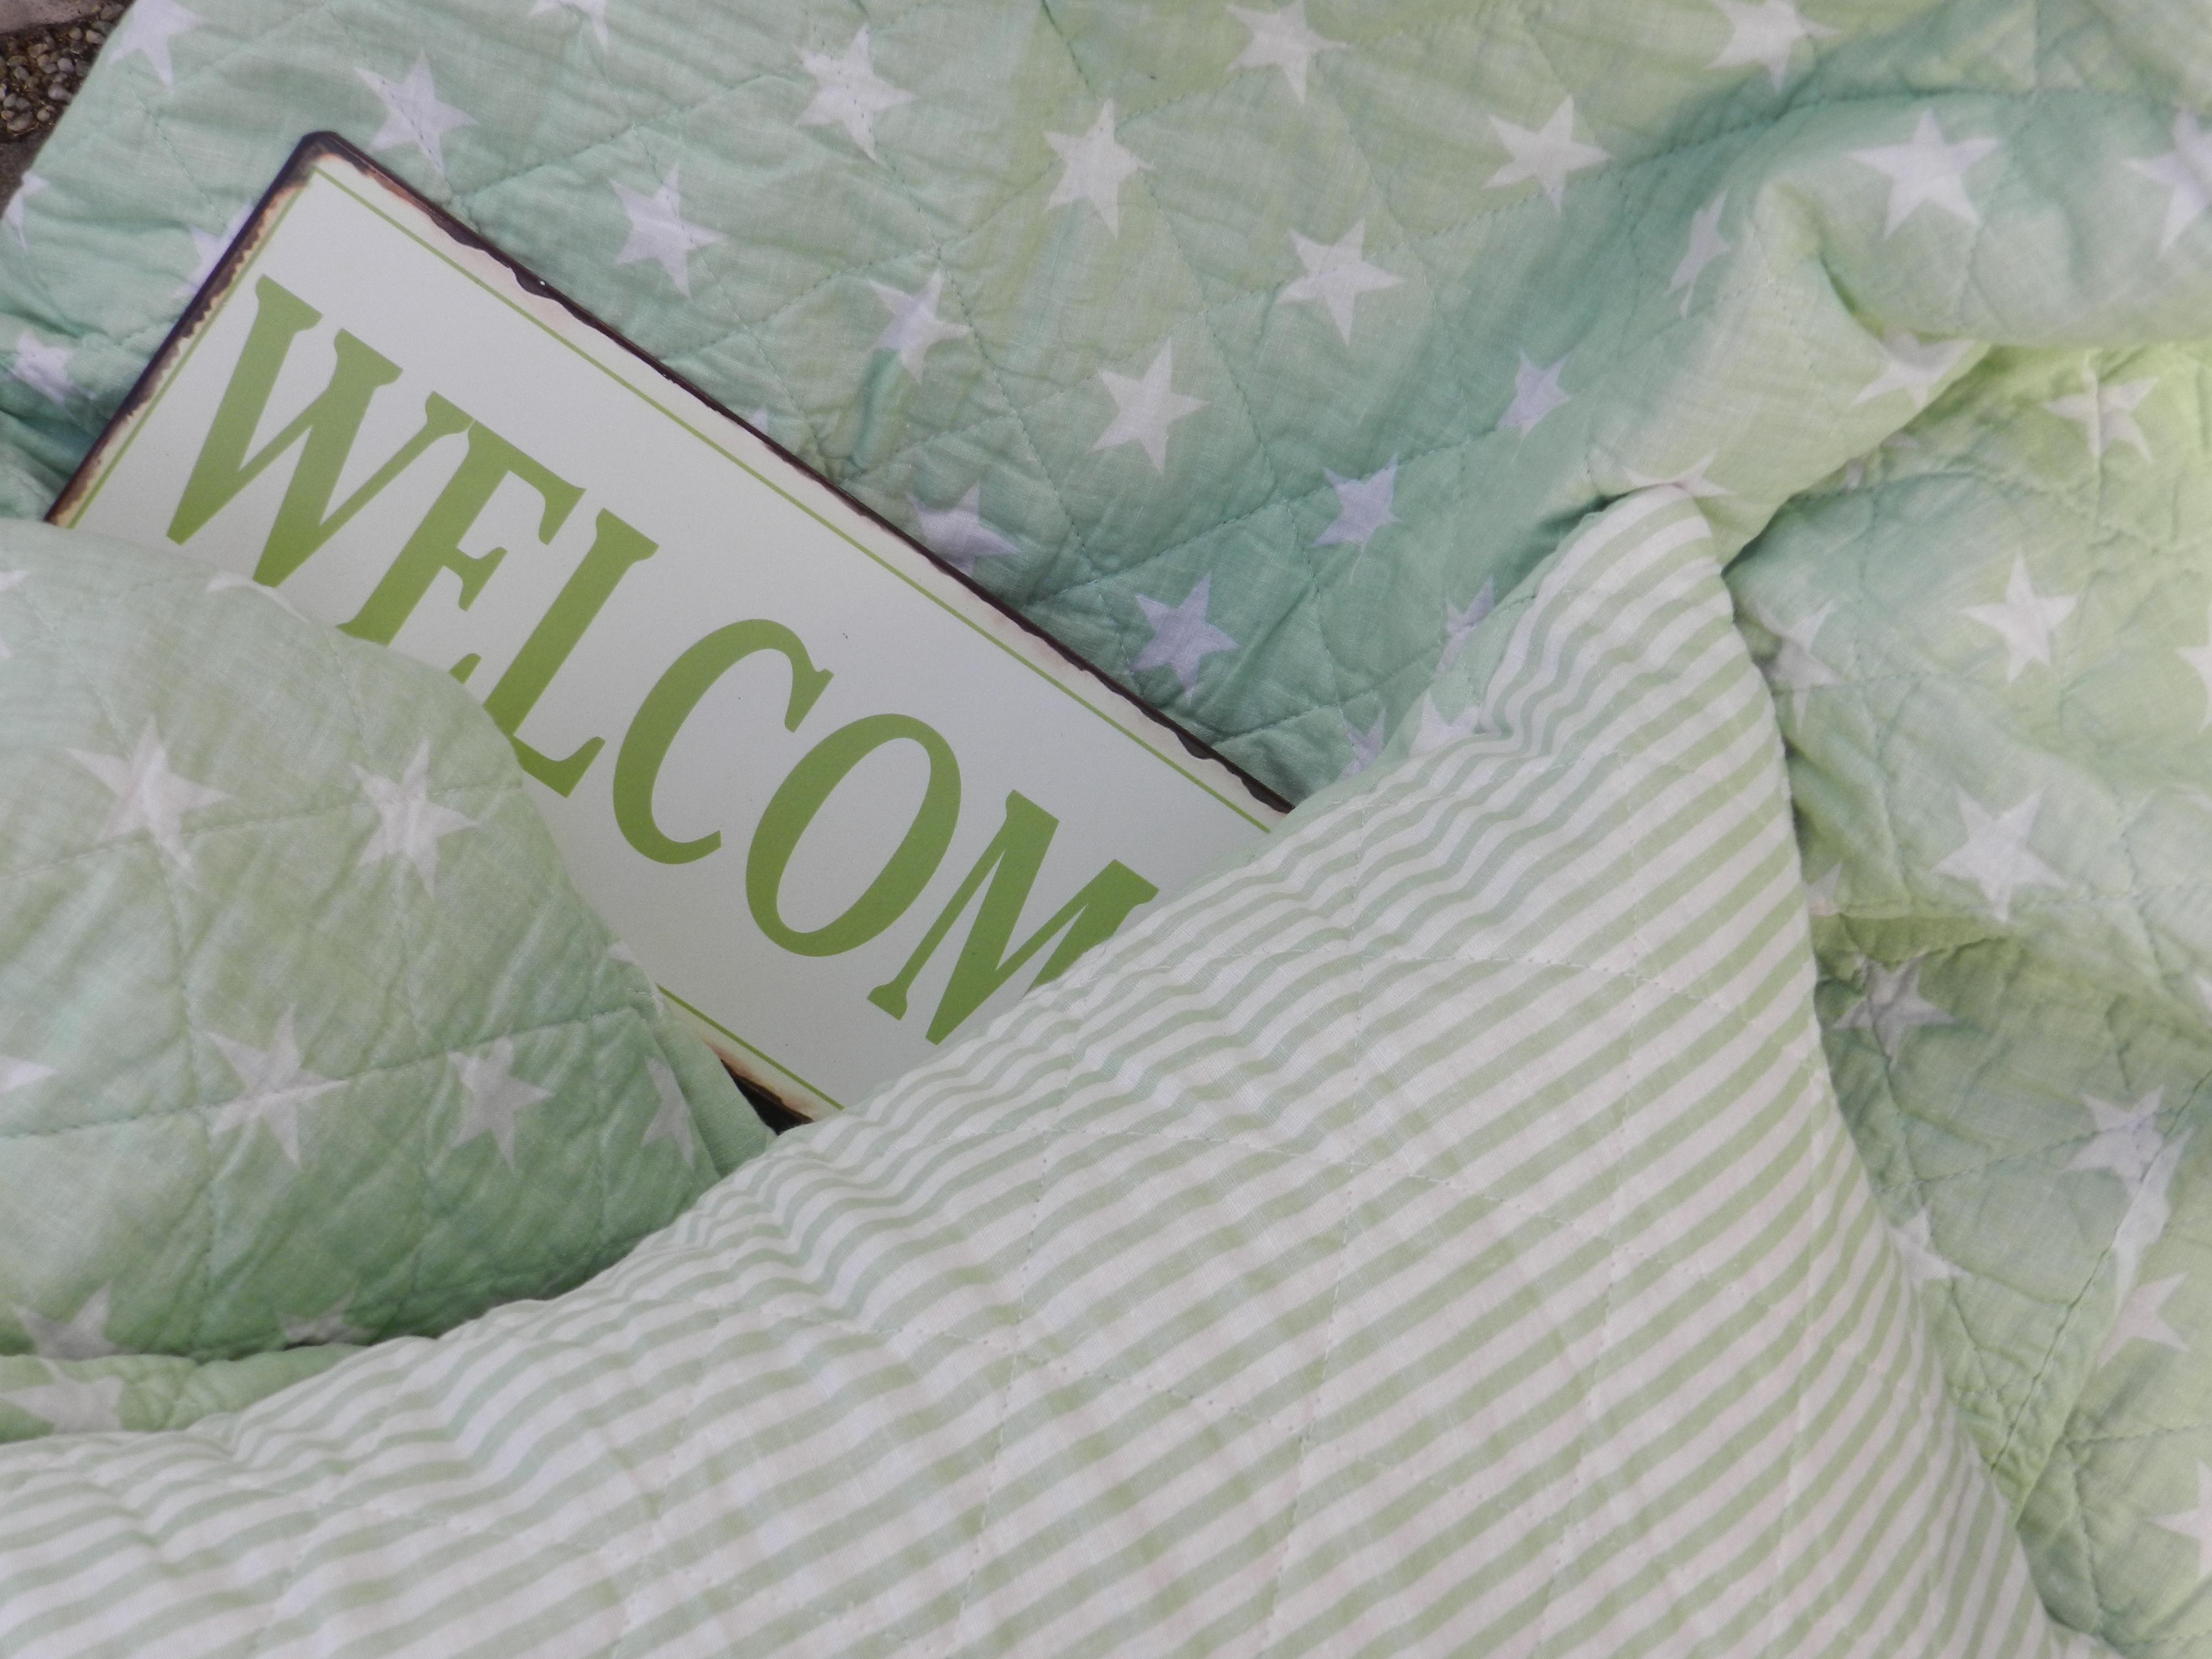 kissenh lle new england hellgr n 40x60 speicher und scheune. Black Bedroom Furniture Sets. Home Design Ideas